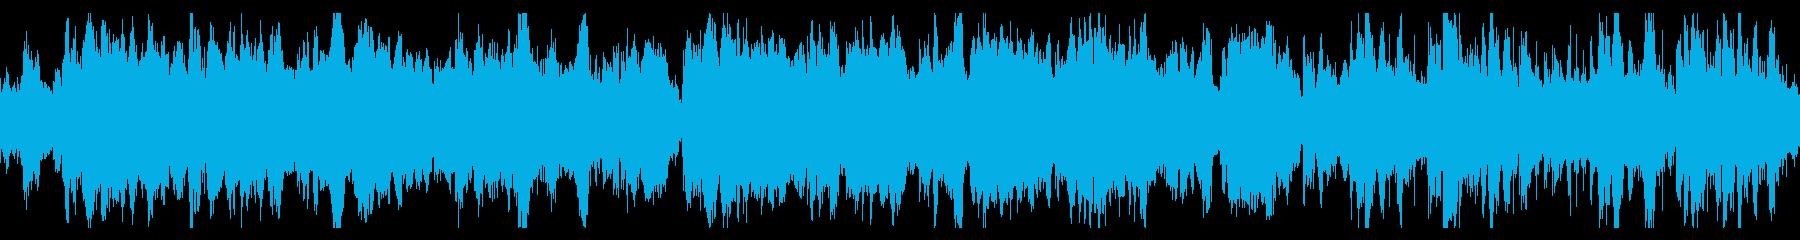 お化け・ダンジョン ホラーBGM/ループの再生済みの波形